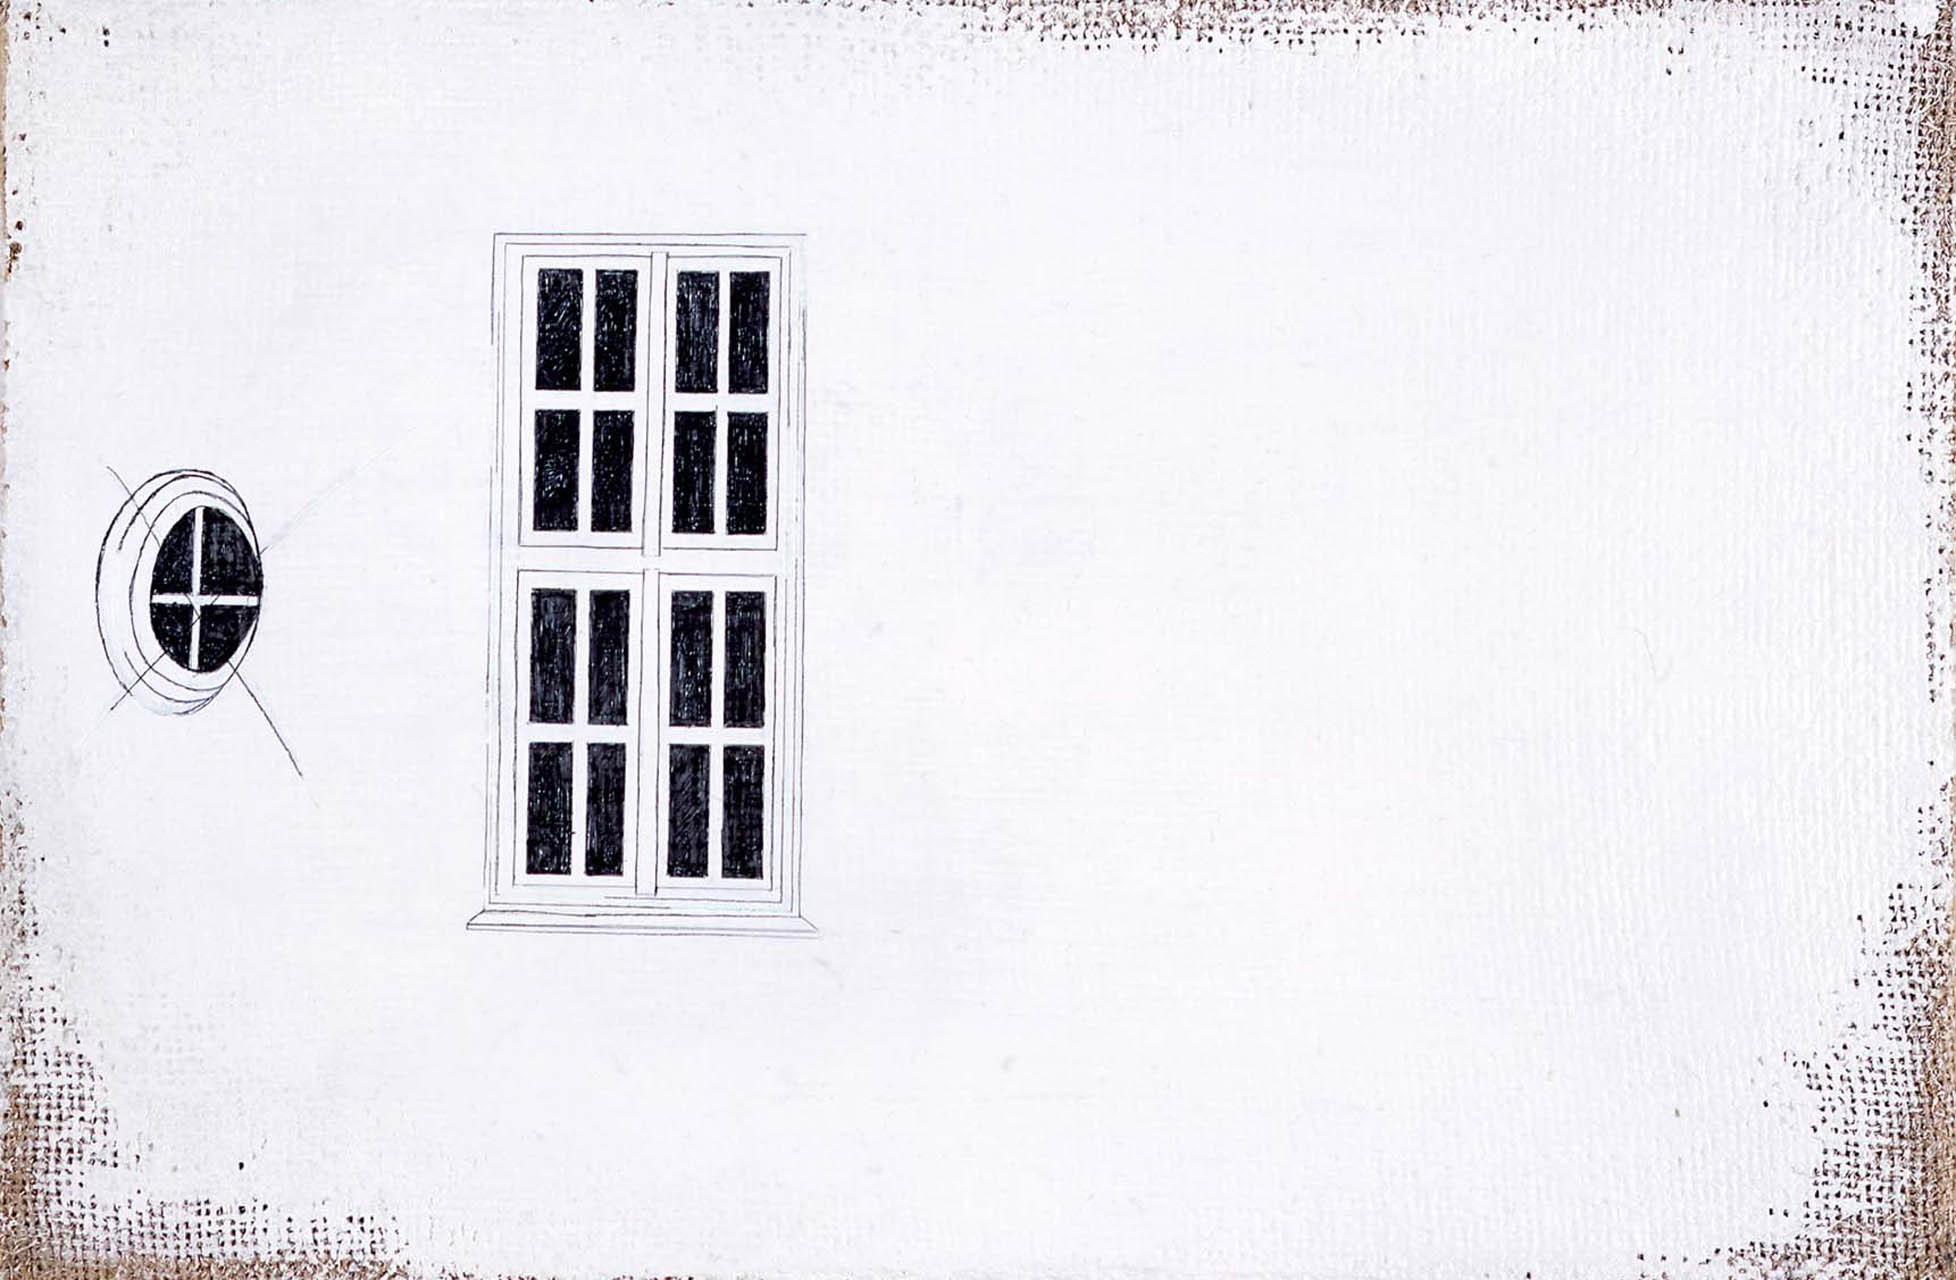 """<div class=""""artwork_caption""""><p>Monday December 5, 2005</p></div>"""